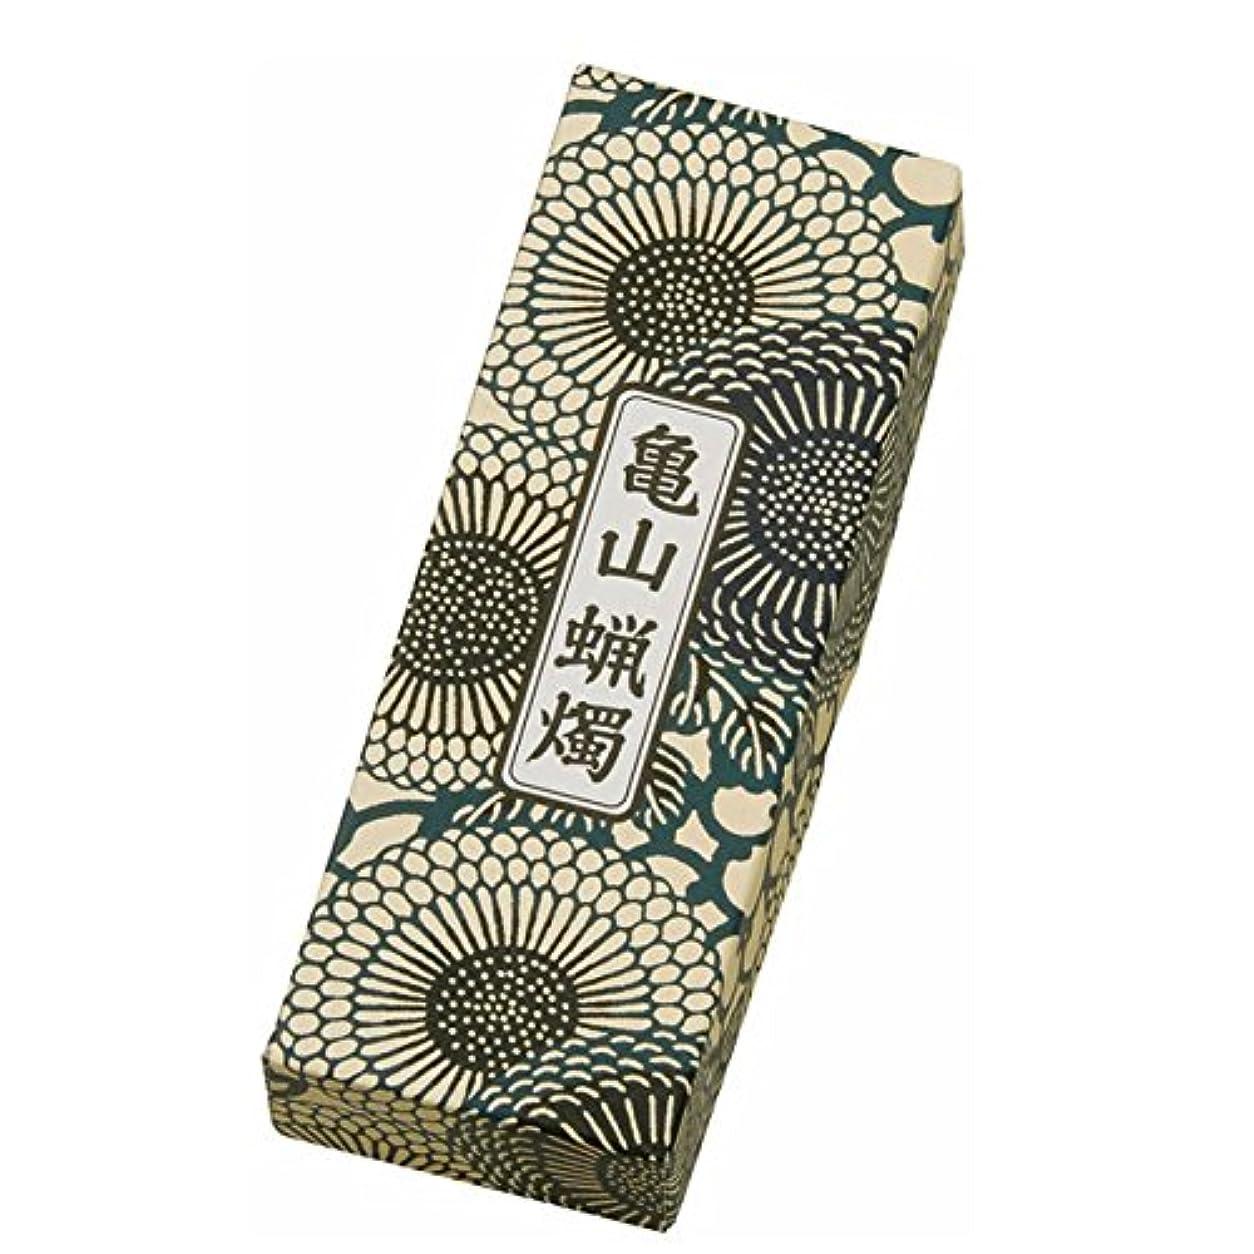 習慣端リスカメヤマ大ローソク 7号5A#207 225g